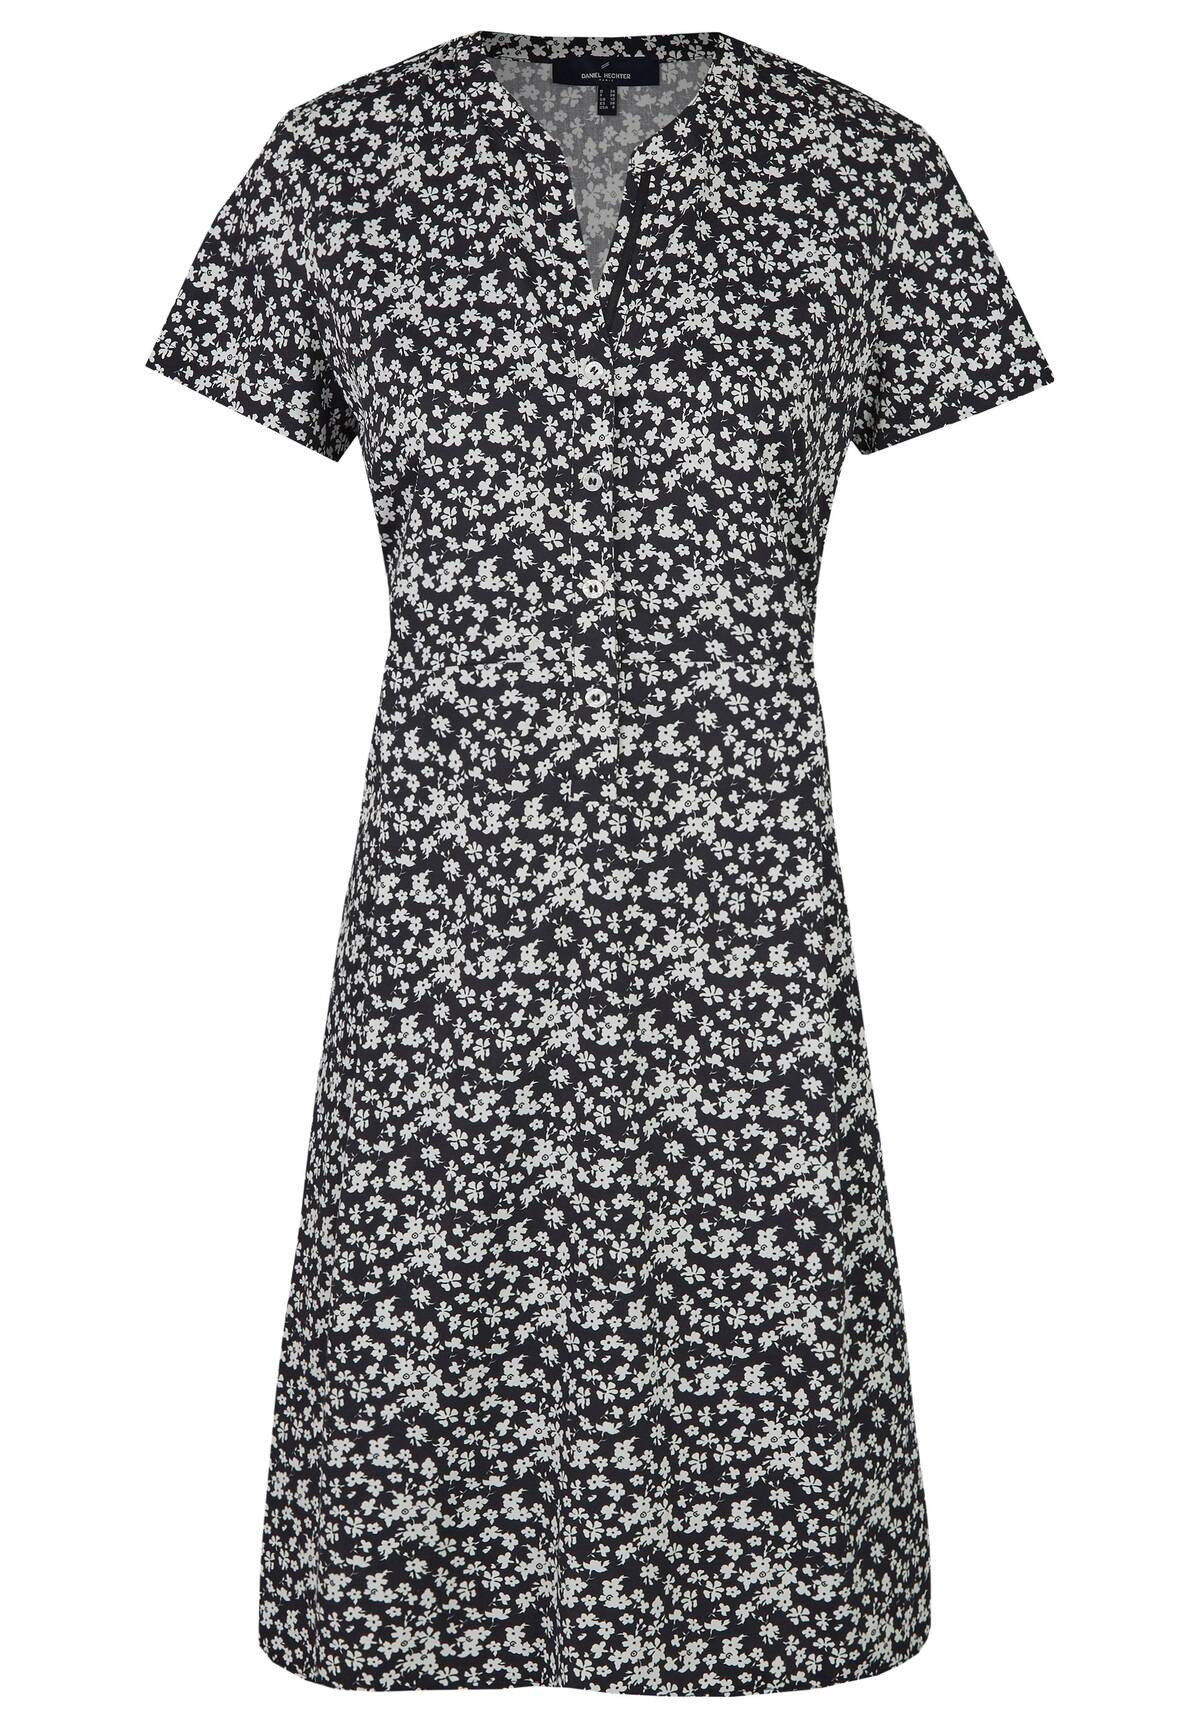 Florales Sommerkleid / Dress